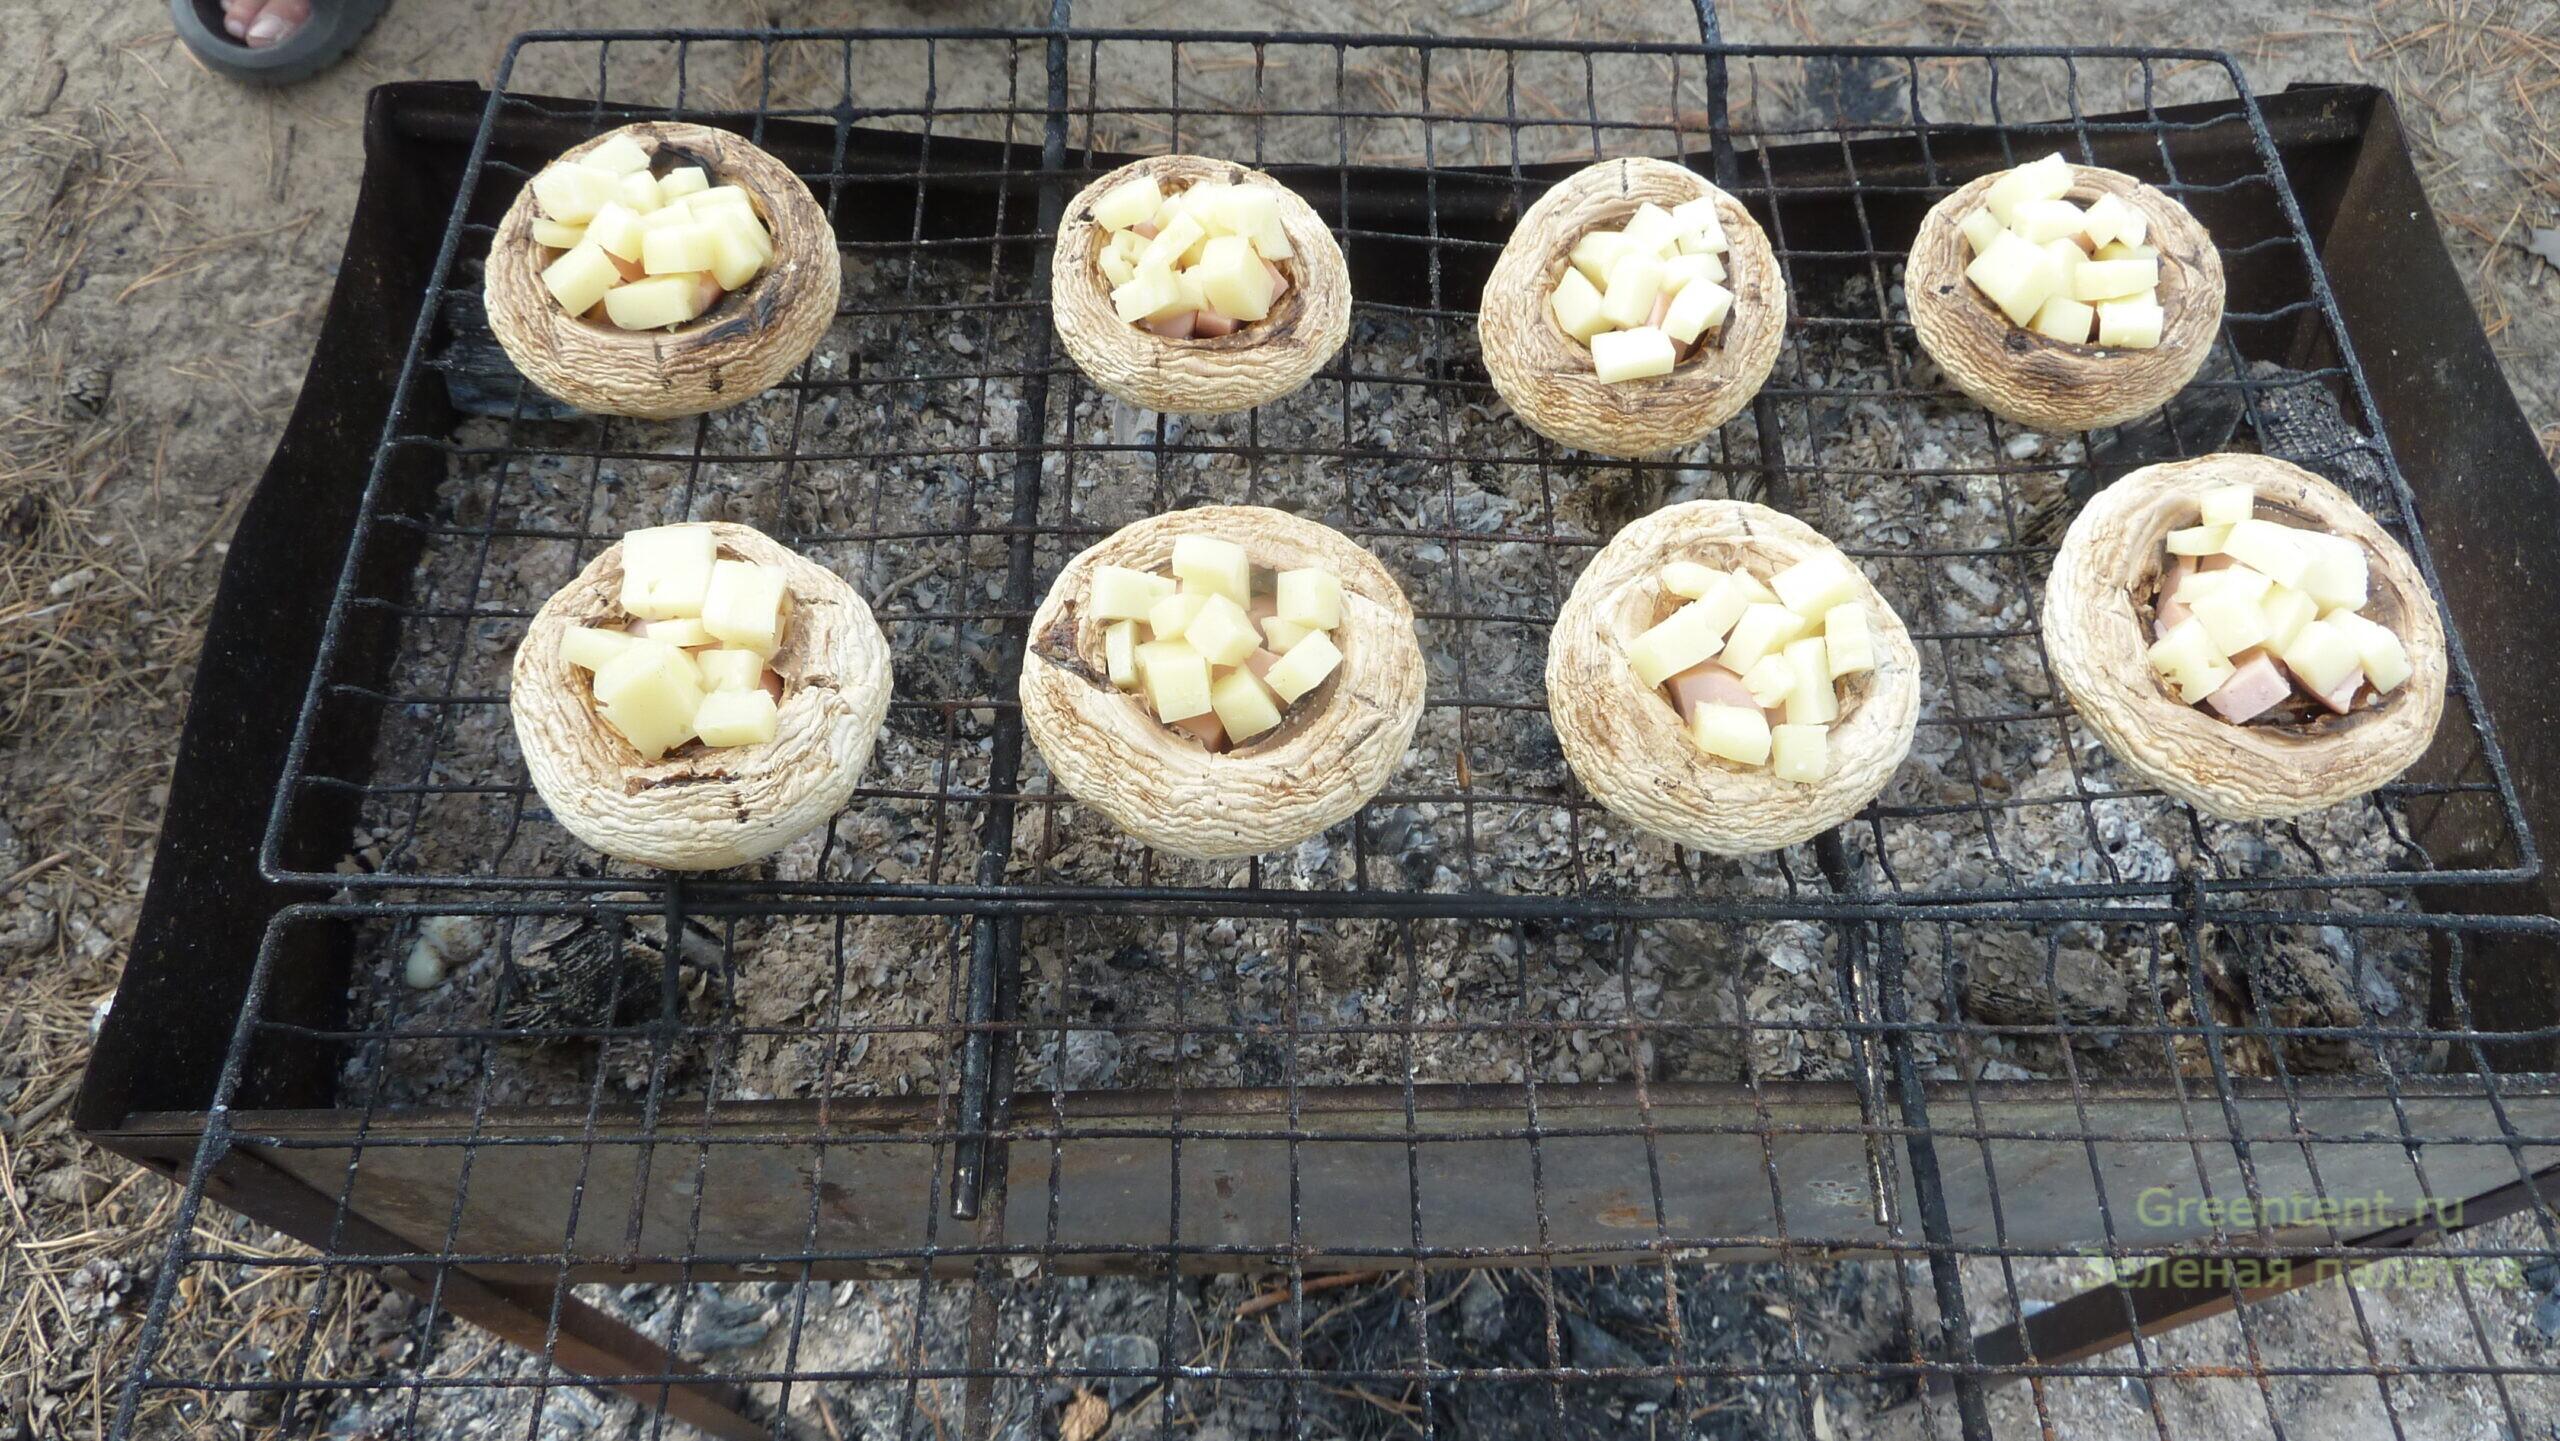 еда рецепт грибы шампиньоны на косте лес отдых природа с палатками дикарями